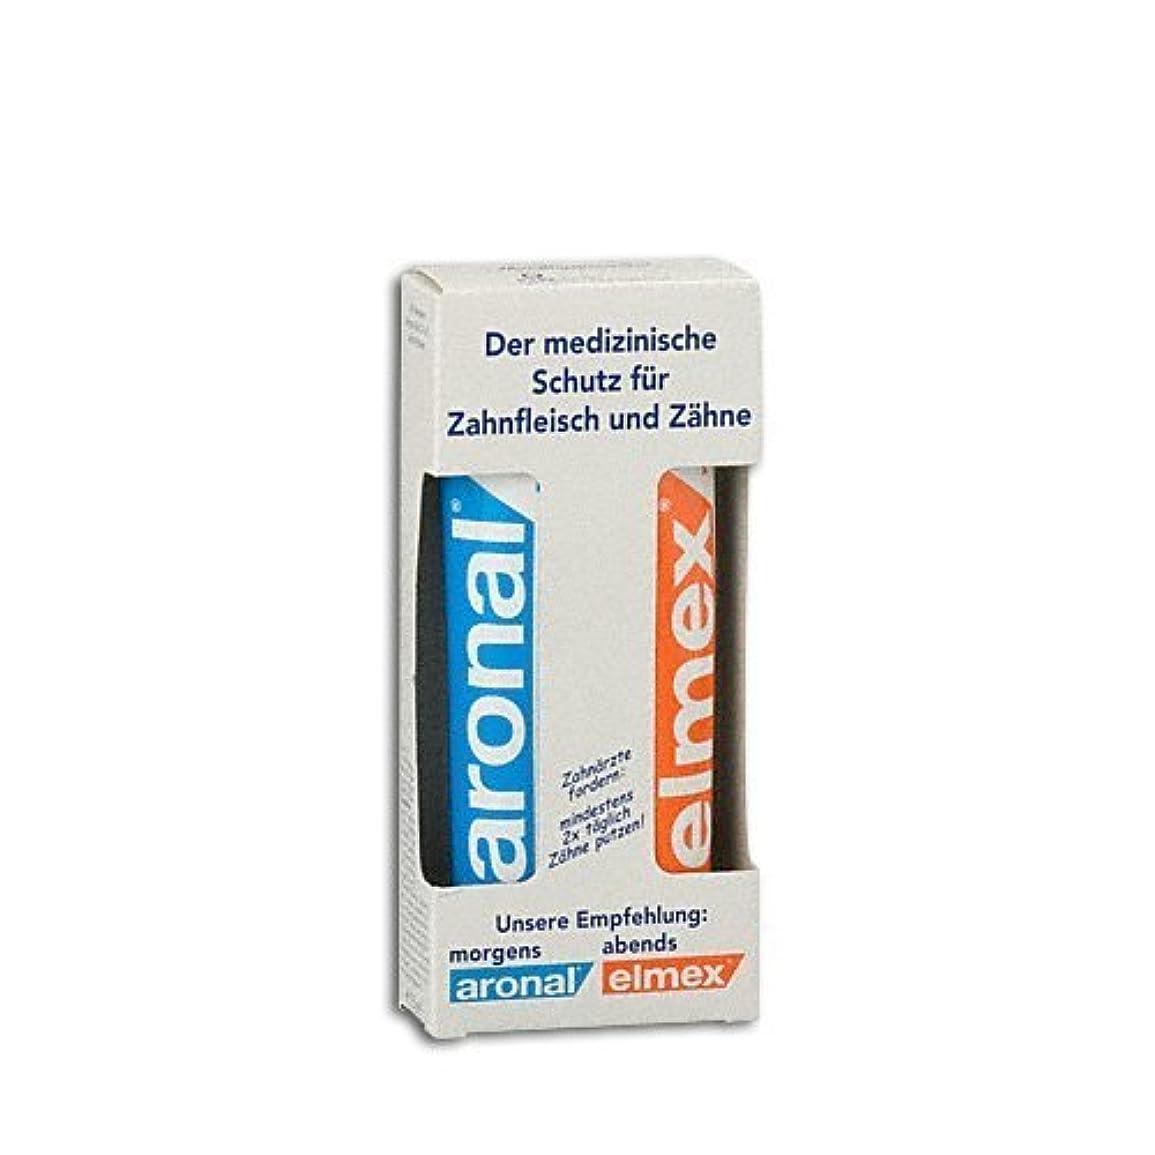 ライナースクレーパー石炭アロナール&エルメックス 歯磨き粉セット(朝/夜) 75ml (aronal & elmex toothpaste set 75ml) 【並行輸入品】